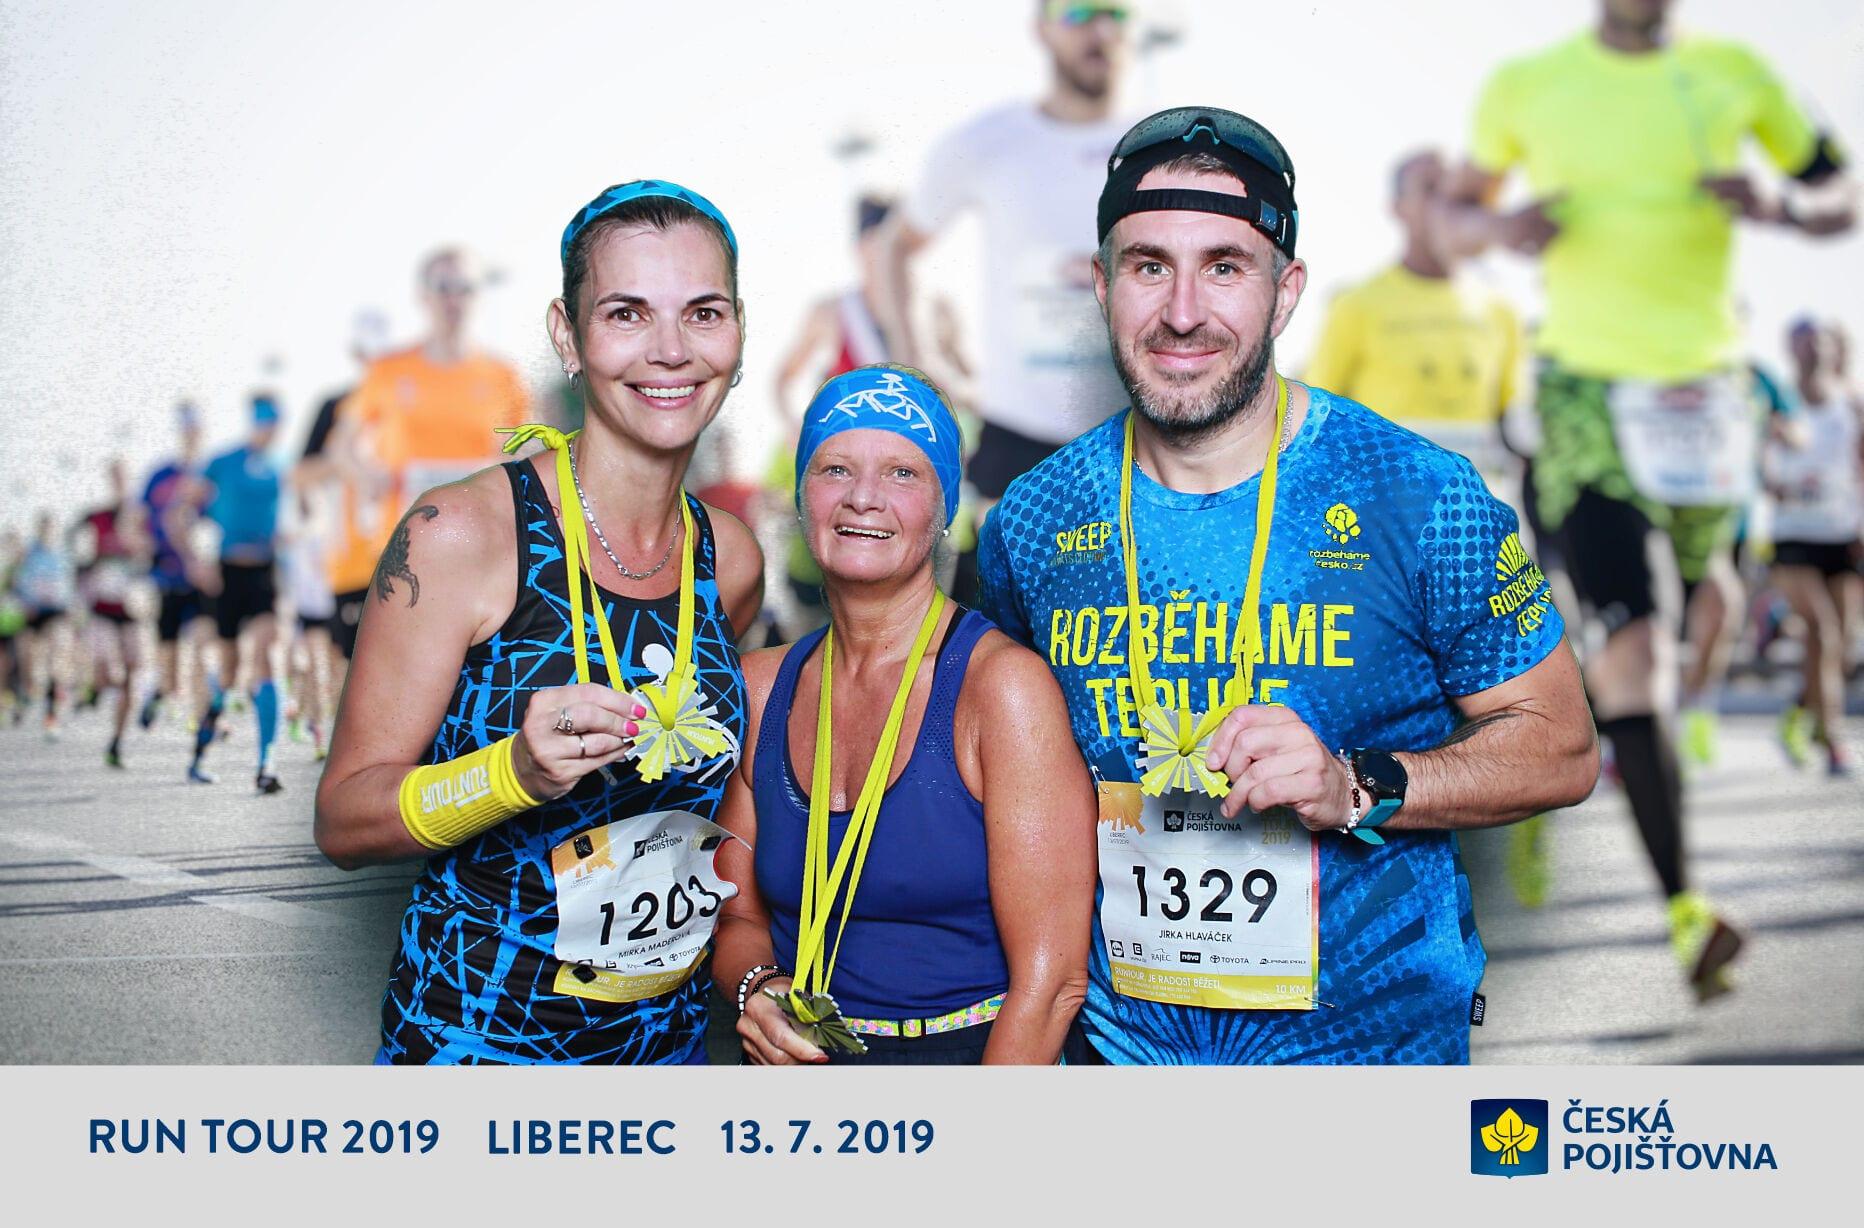 fotokoutek-family-day-liberec-ceska-pojistovna-13-7-2019-640901